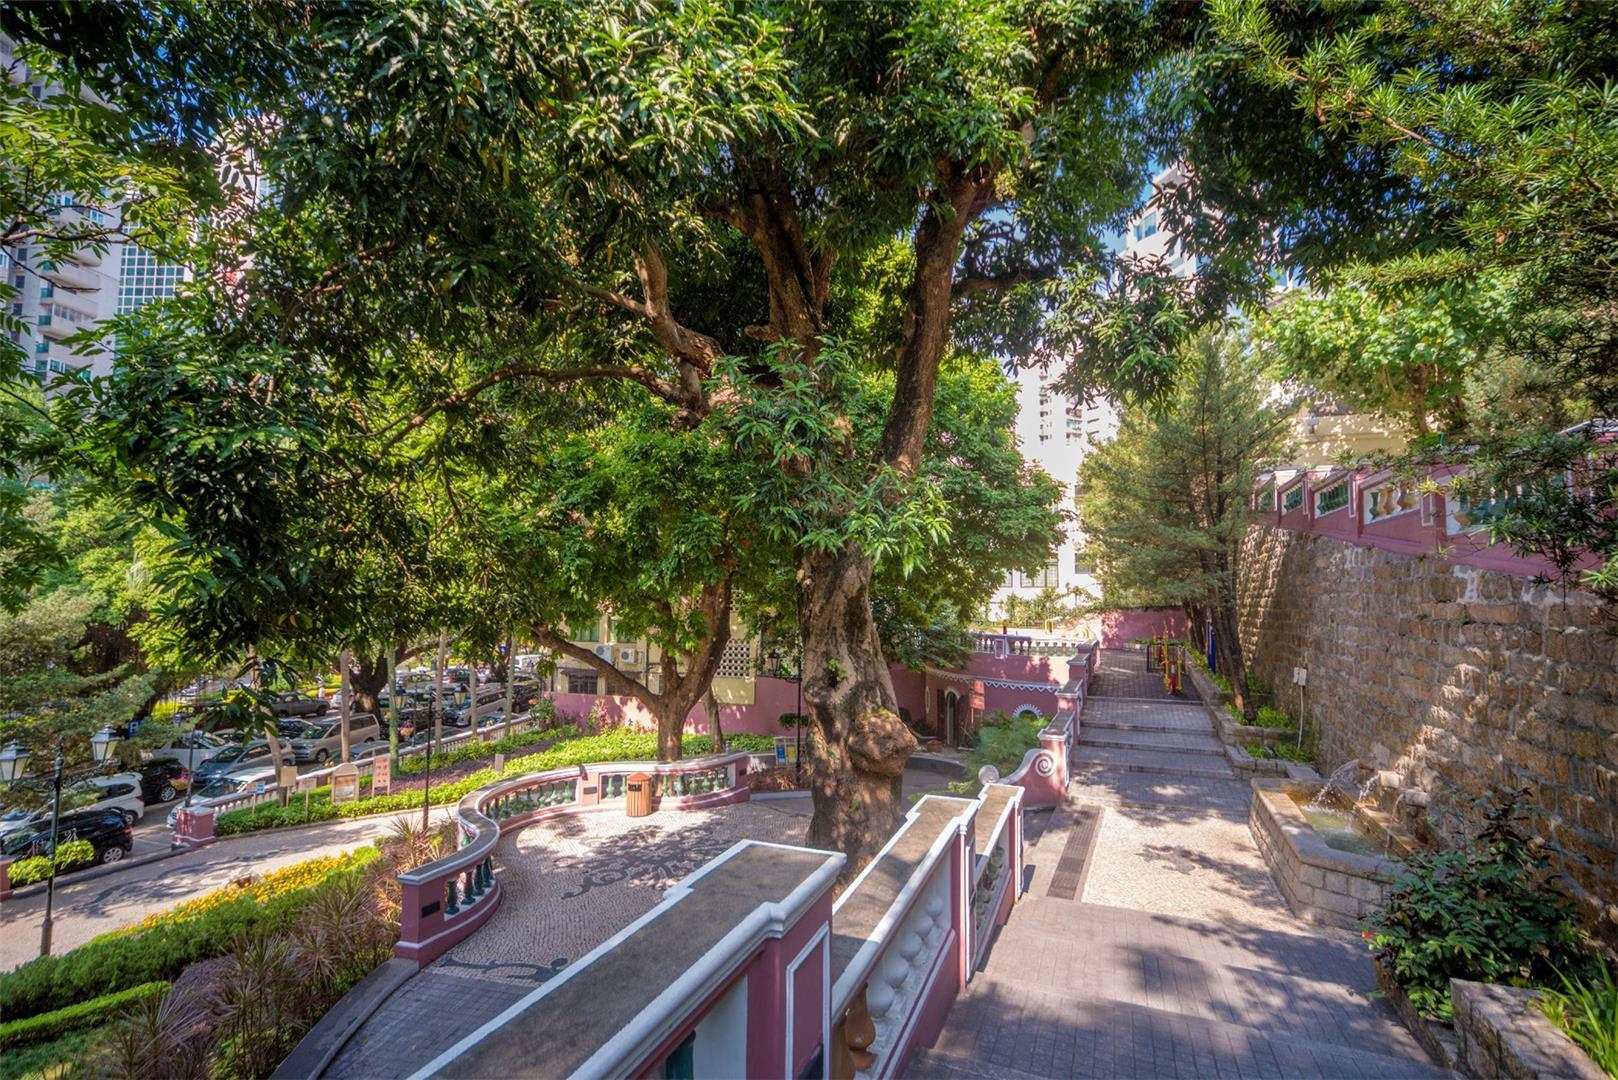 市政署推出澳门古树名木网页 促公众共同保护古树名木